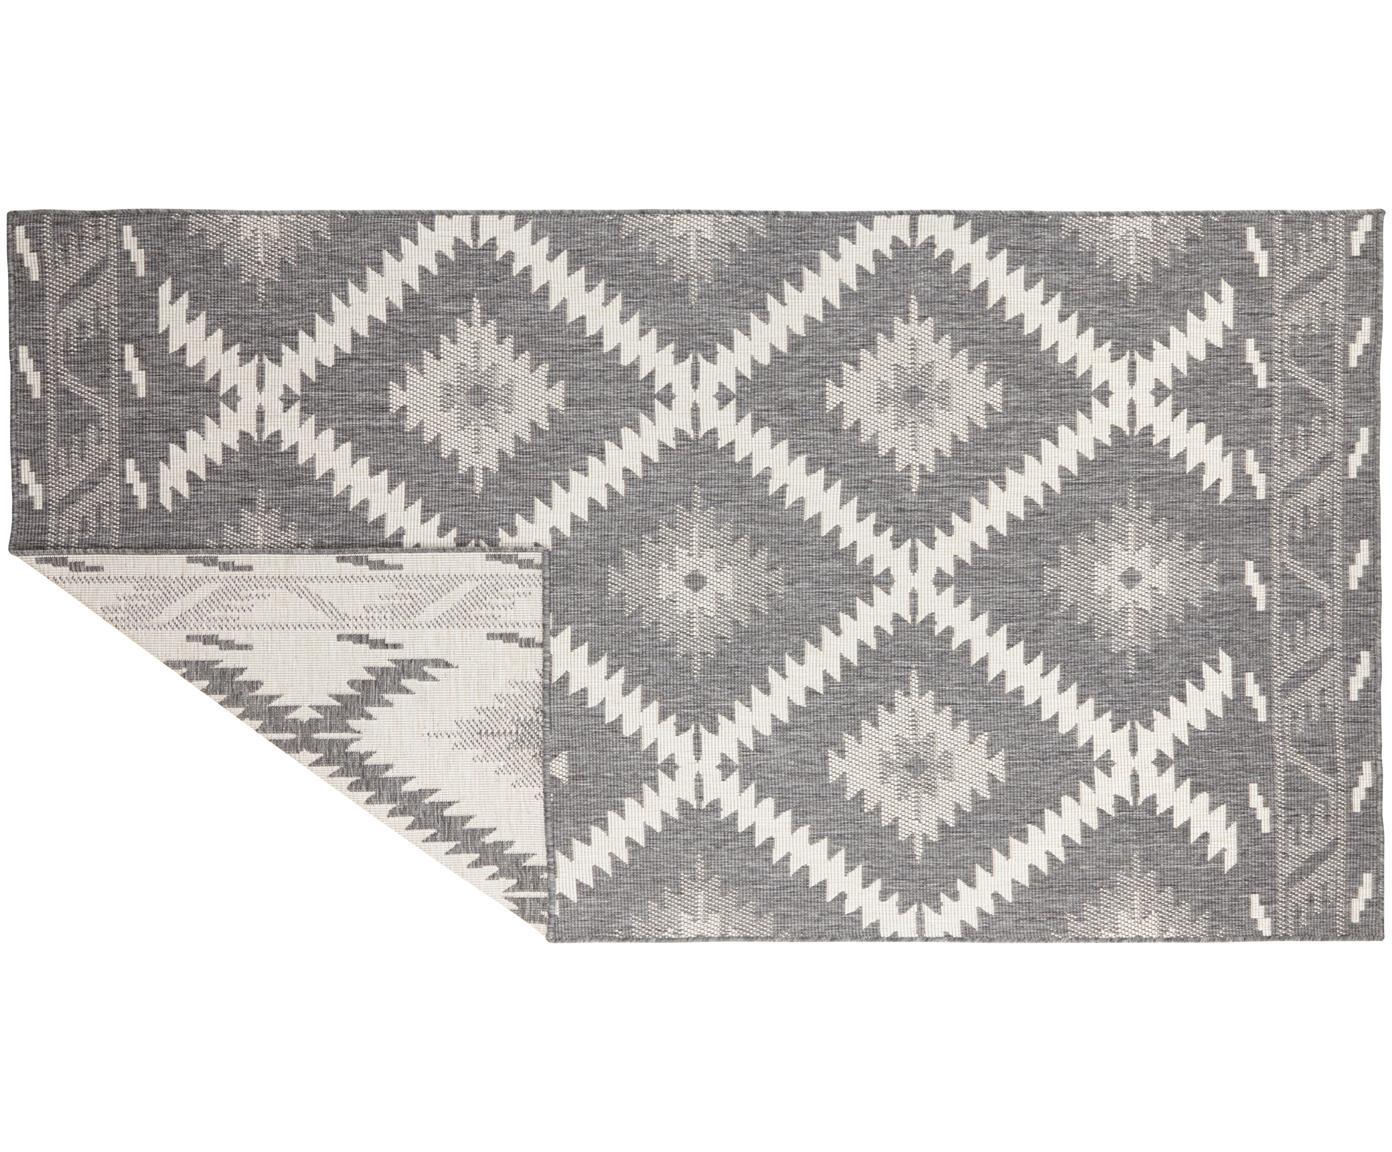 Dwustronny dywan wewnętrzny/zewnętrzny Malibu, Szary, kremowy, S 80 x D 150 cm (Rozmiar XS)